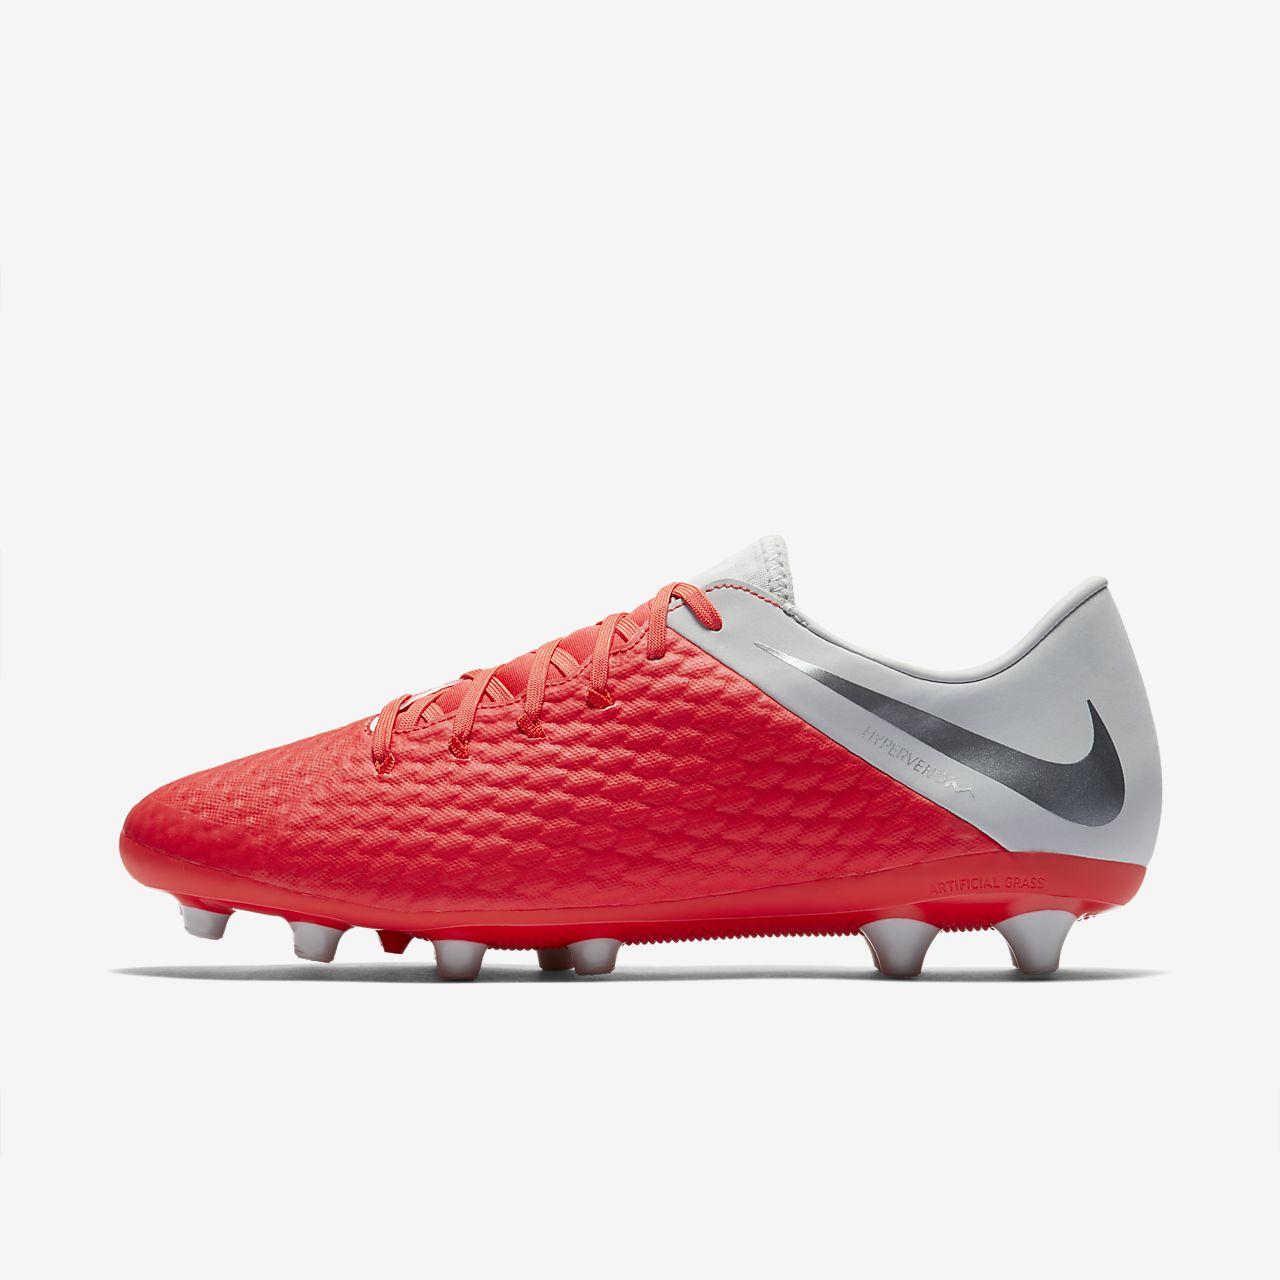 Fotbollssko för 1c3db94 konstgräs Nike Hypervenom III Academy AG-PRO för  män . ... 0d2d3fac548b2